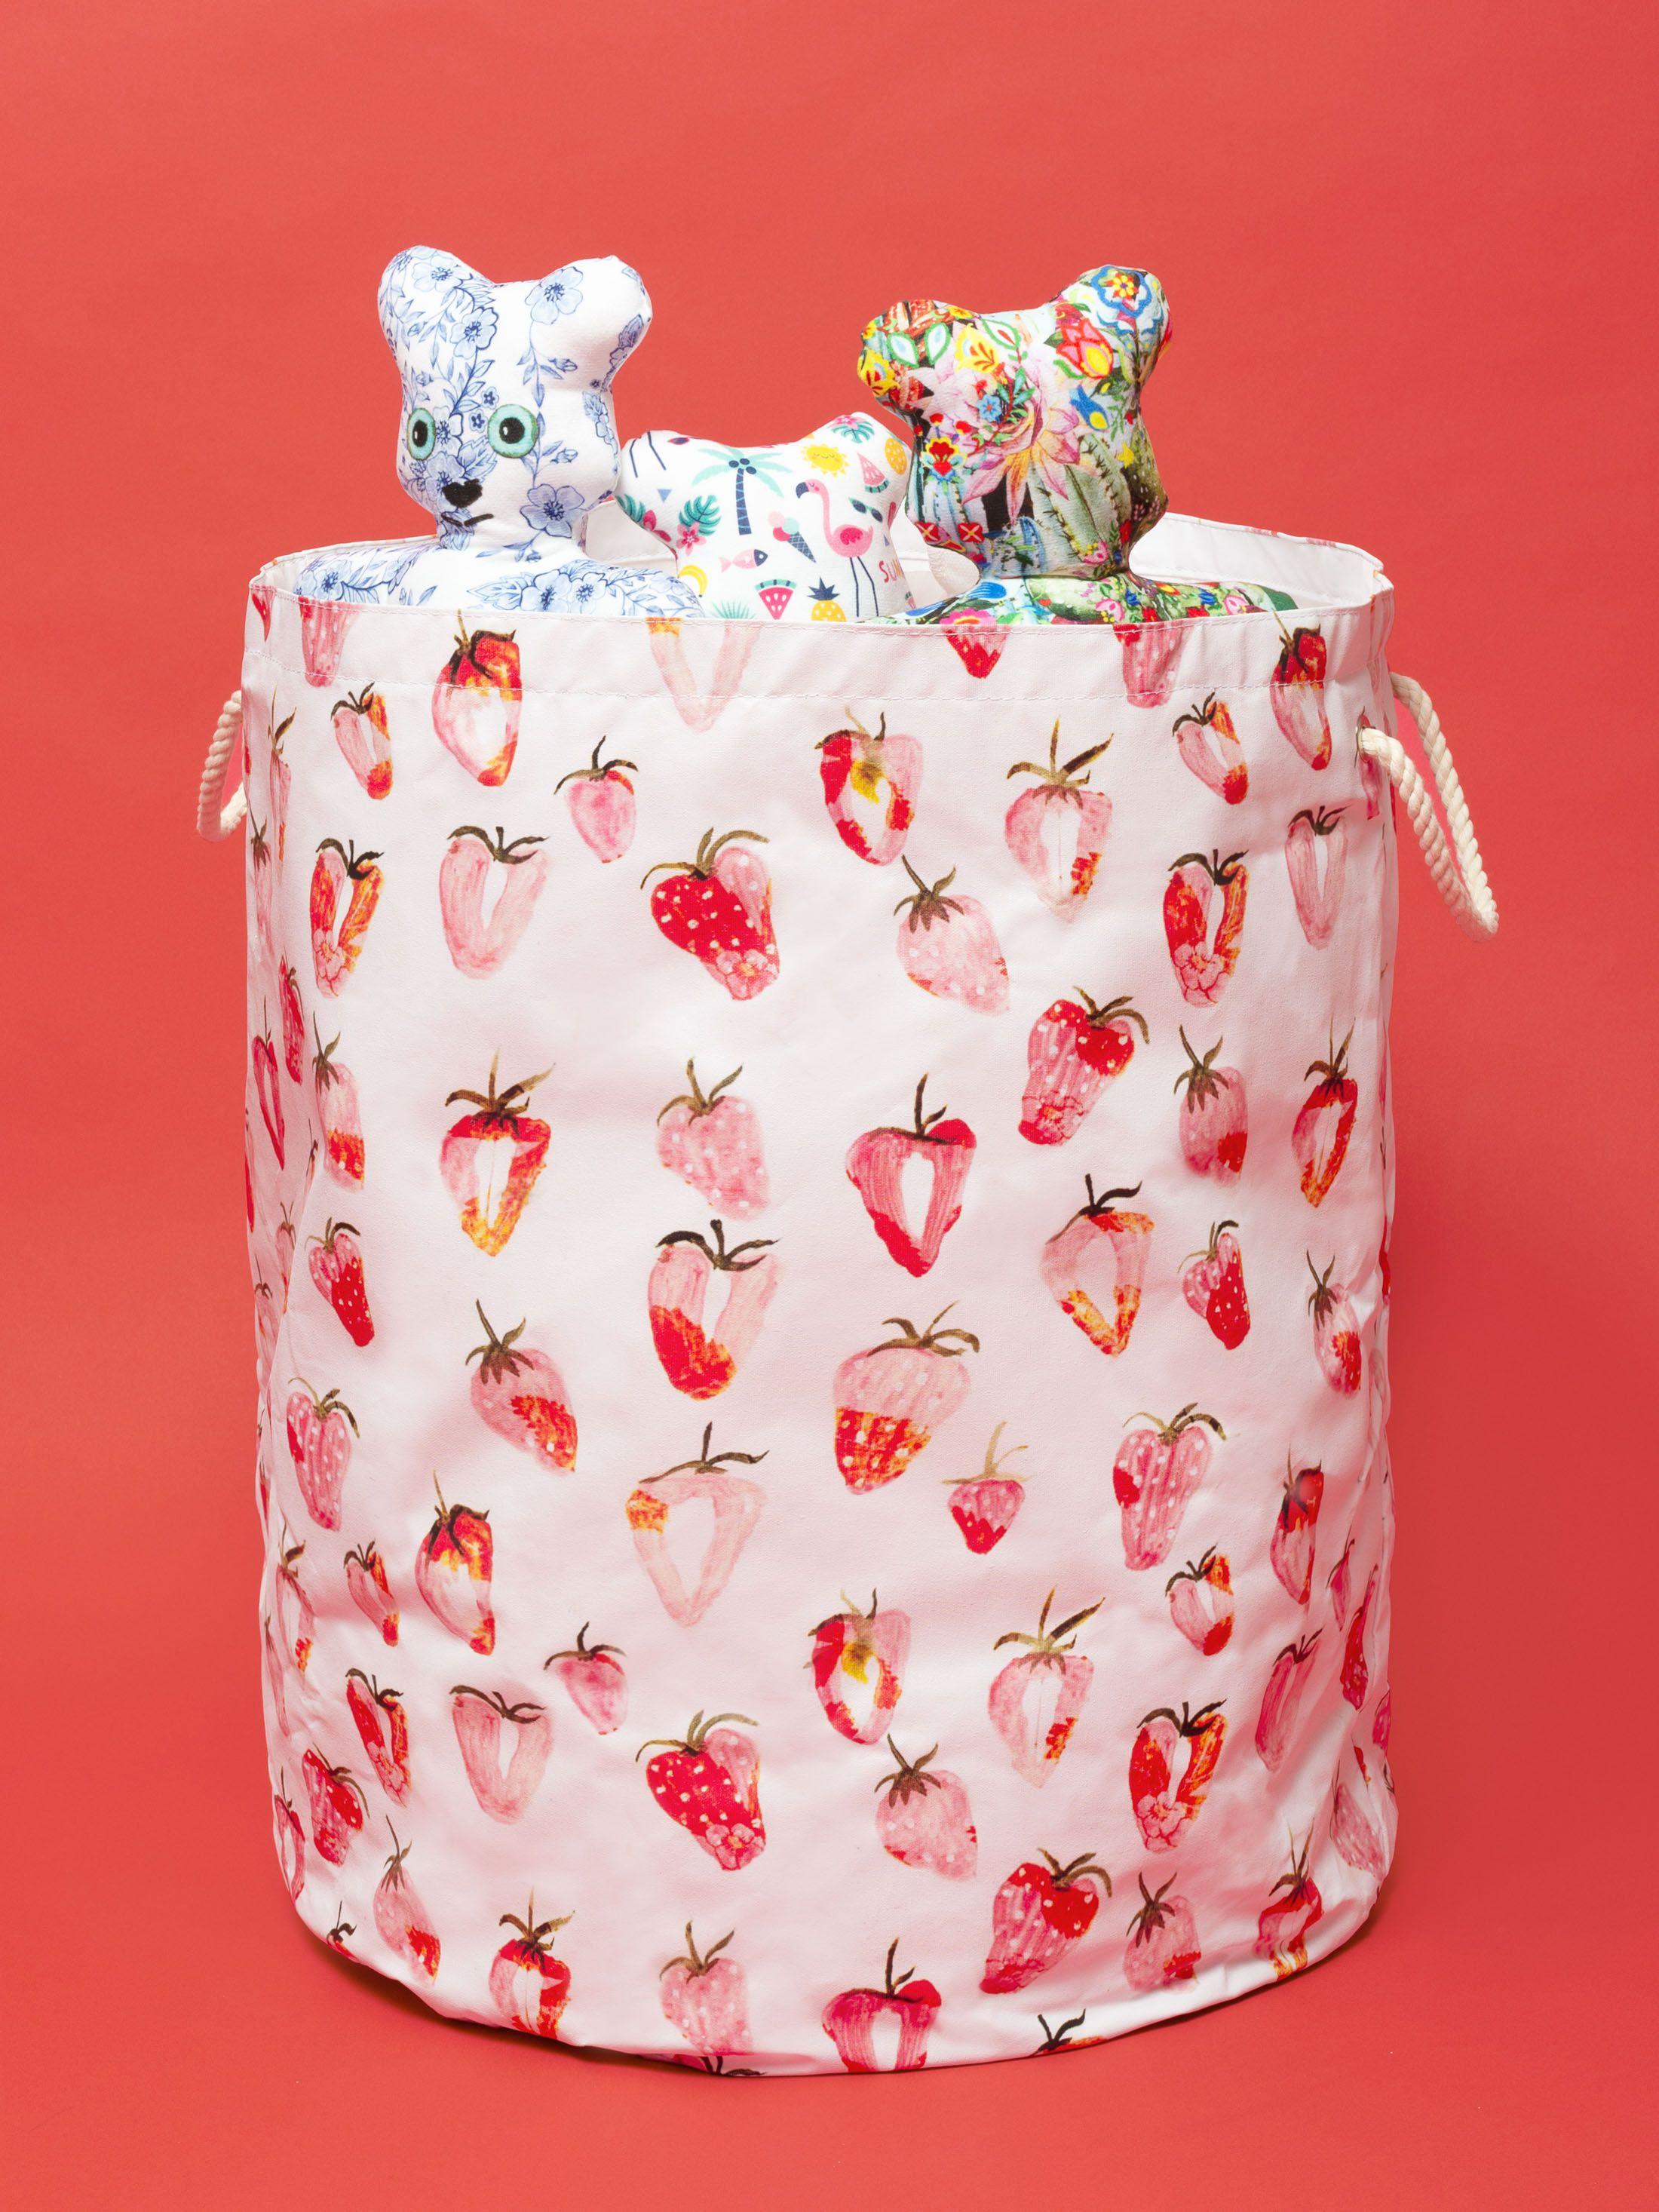 デザイン印刷 おもちゃ収納バッグ